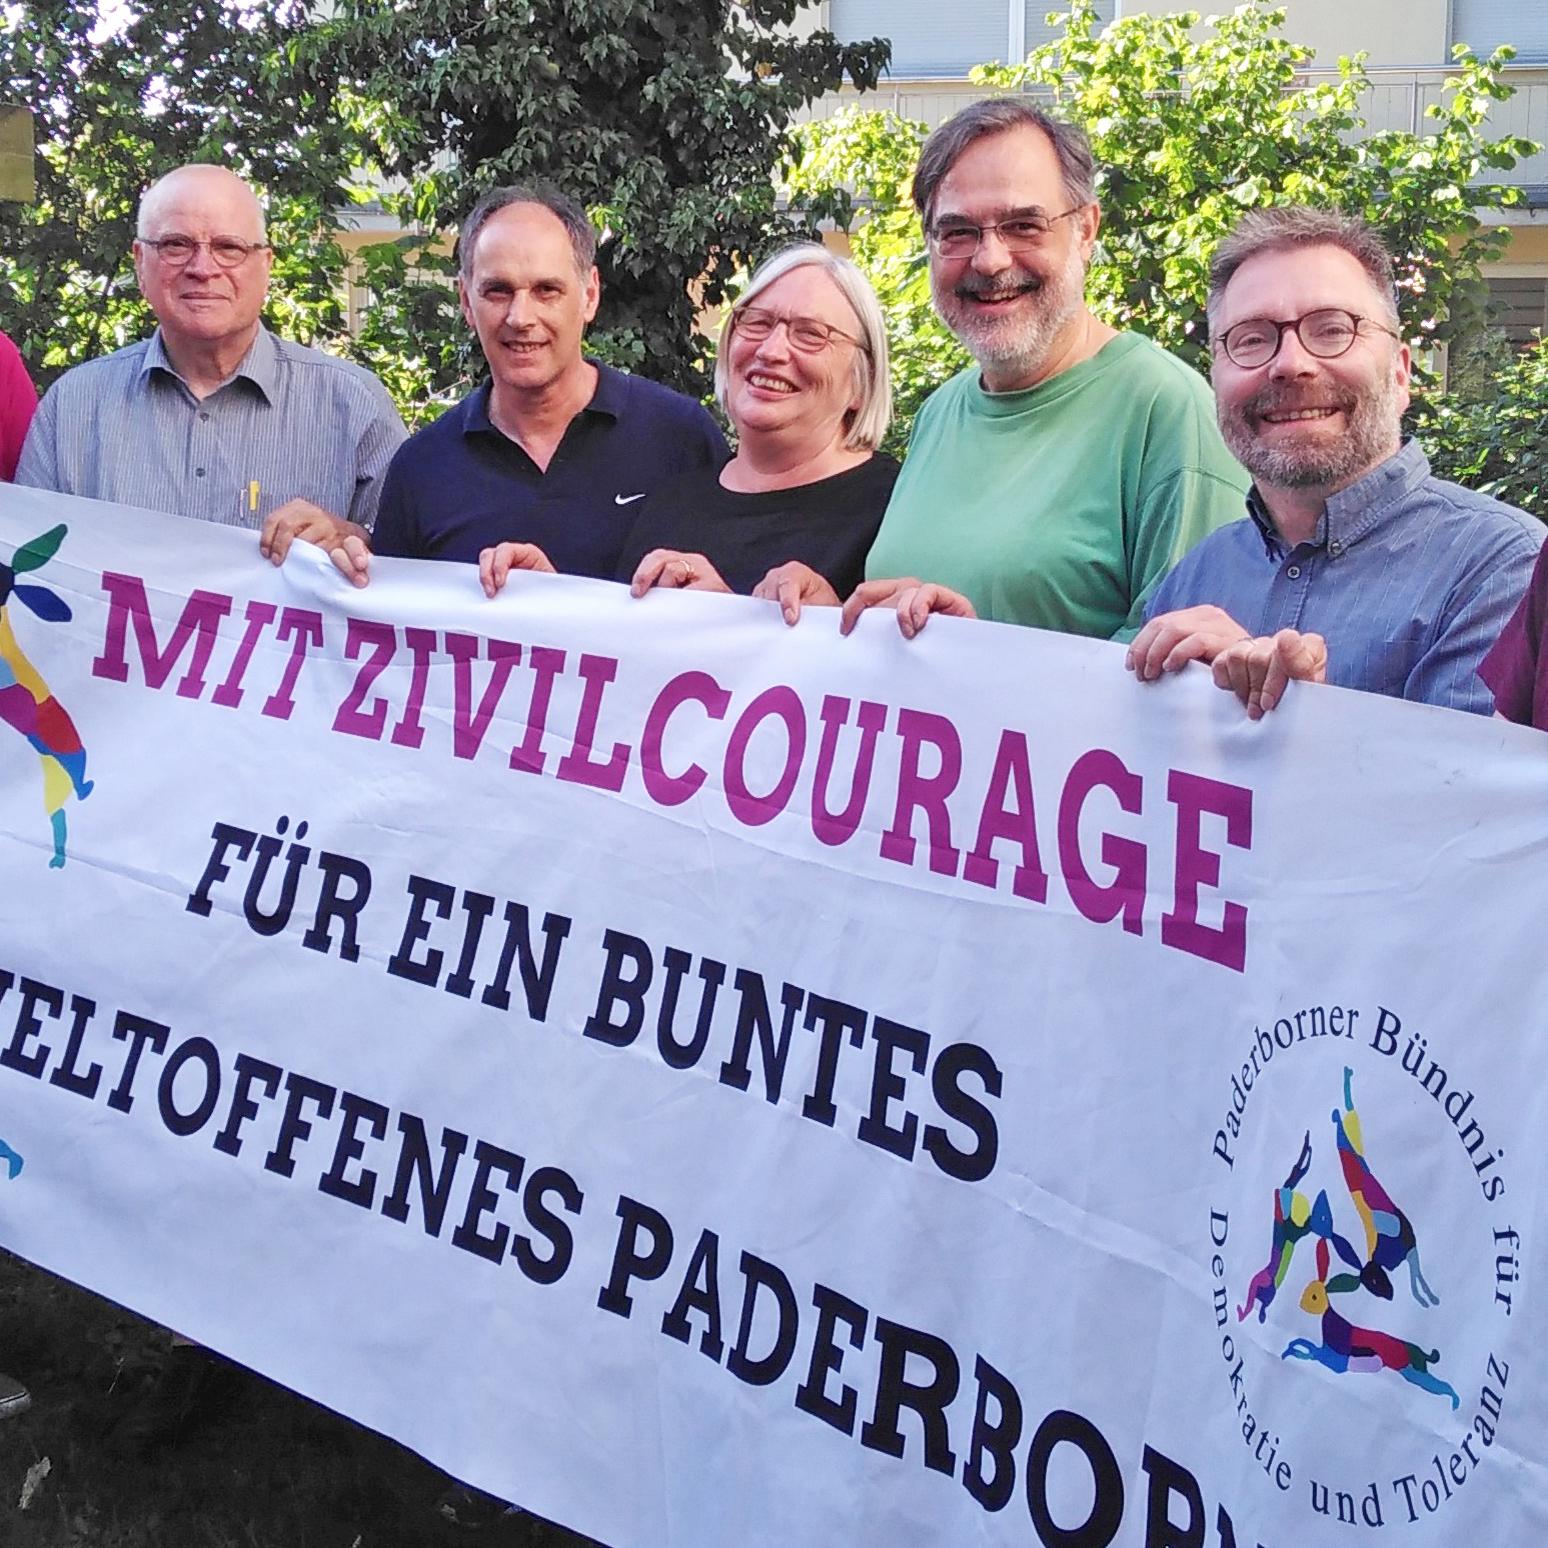 Demokratische Grundrechte und sozialer Zusammenhalt Bündnis für Demokratie und Toleranz wirbt für Paderborner Debatte zum Tag des Grundgesetzes am 23. Mai